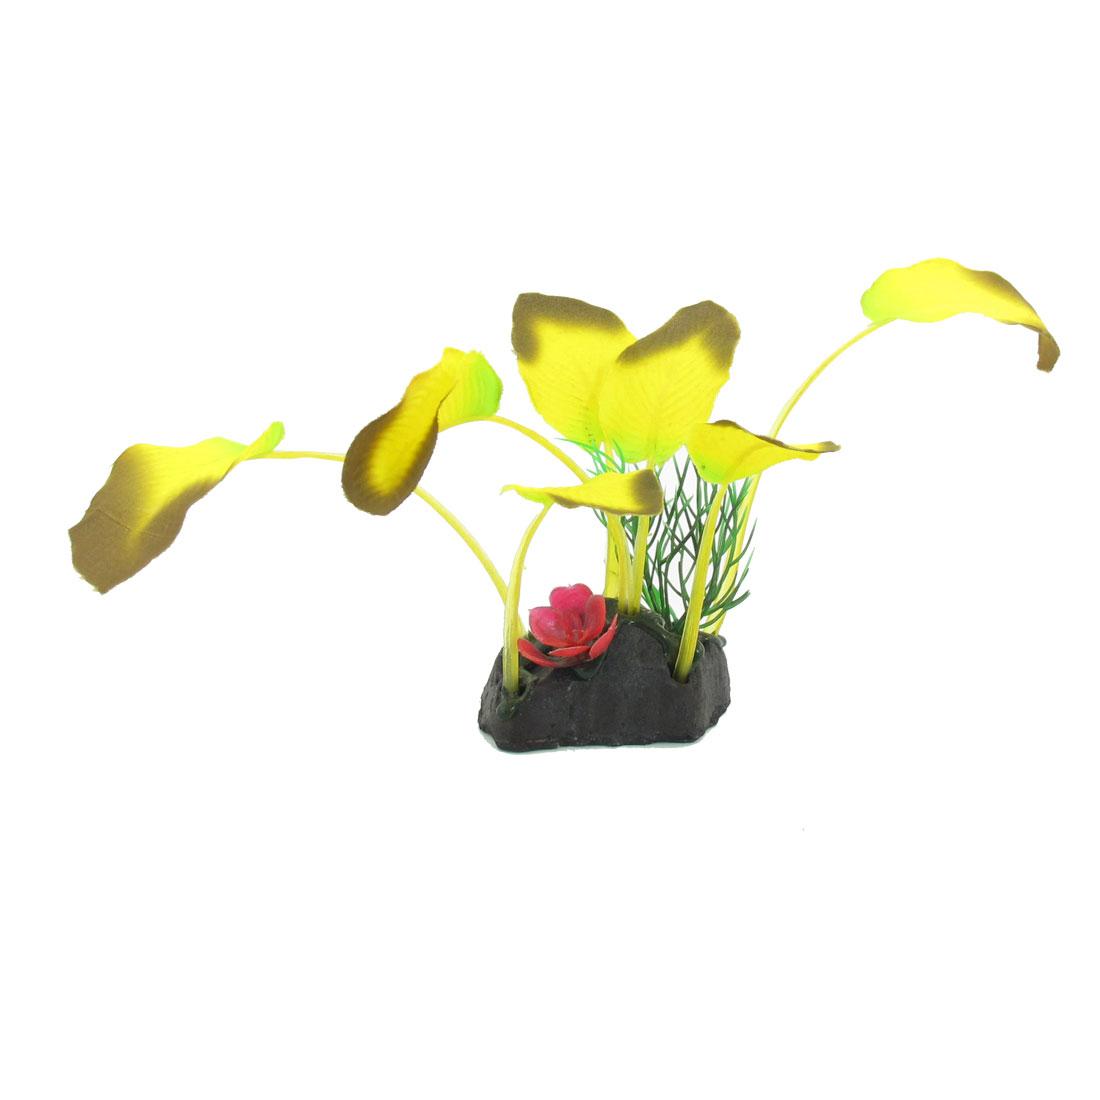 """5.1"""" High Red Flower Yellow Leaf Plastic Underwater Plant Aquarium Decor"""